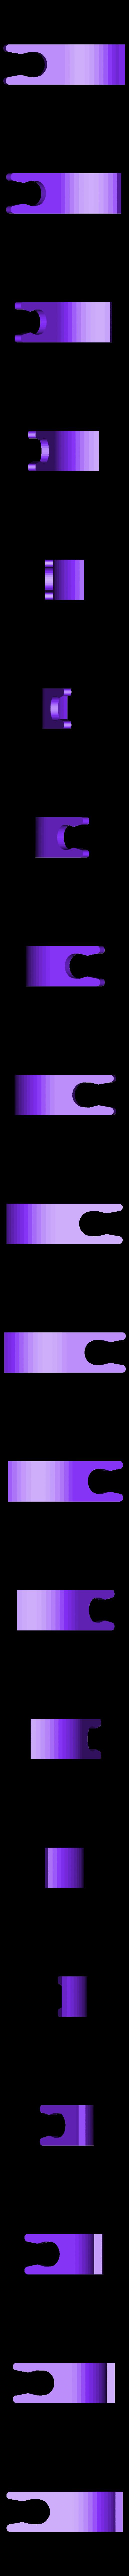 clip.stl Télécharger fichier STL gratuit CAISSON DAGOMA - add-on obturateur/guide filament • Modèle à imprimer en 3D, badmax133